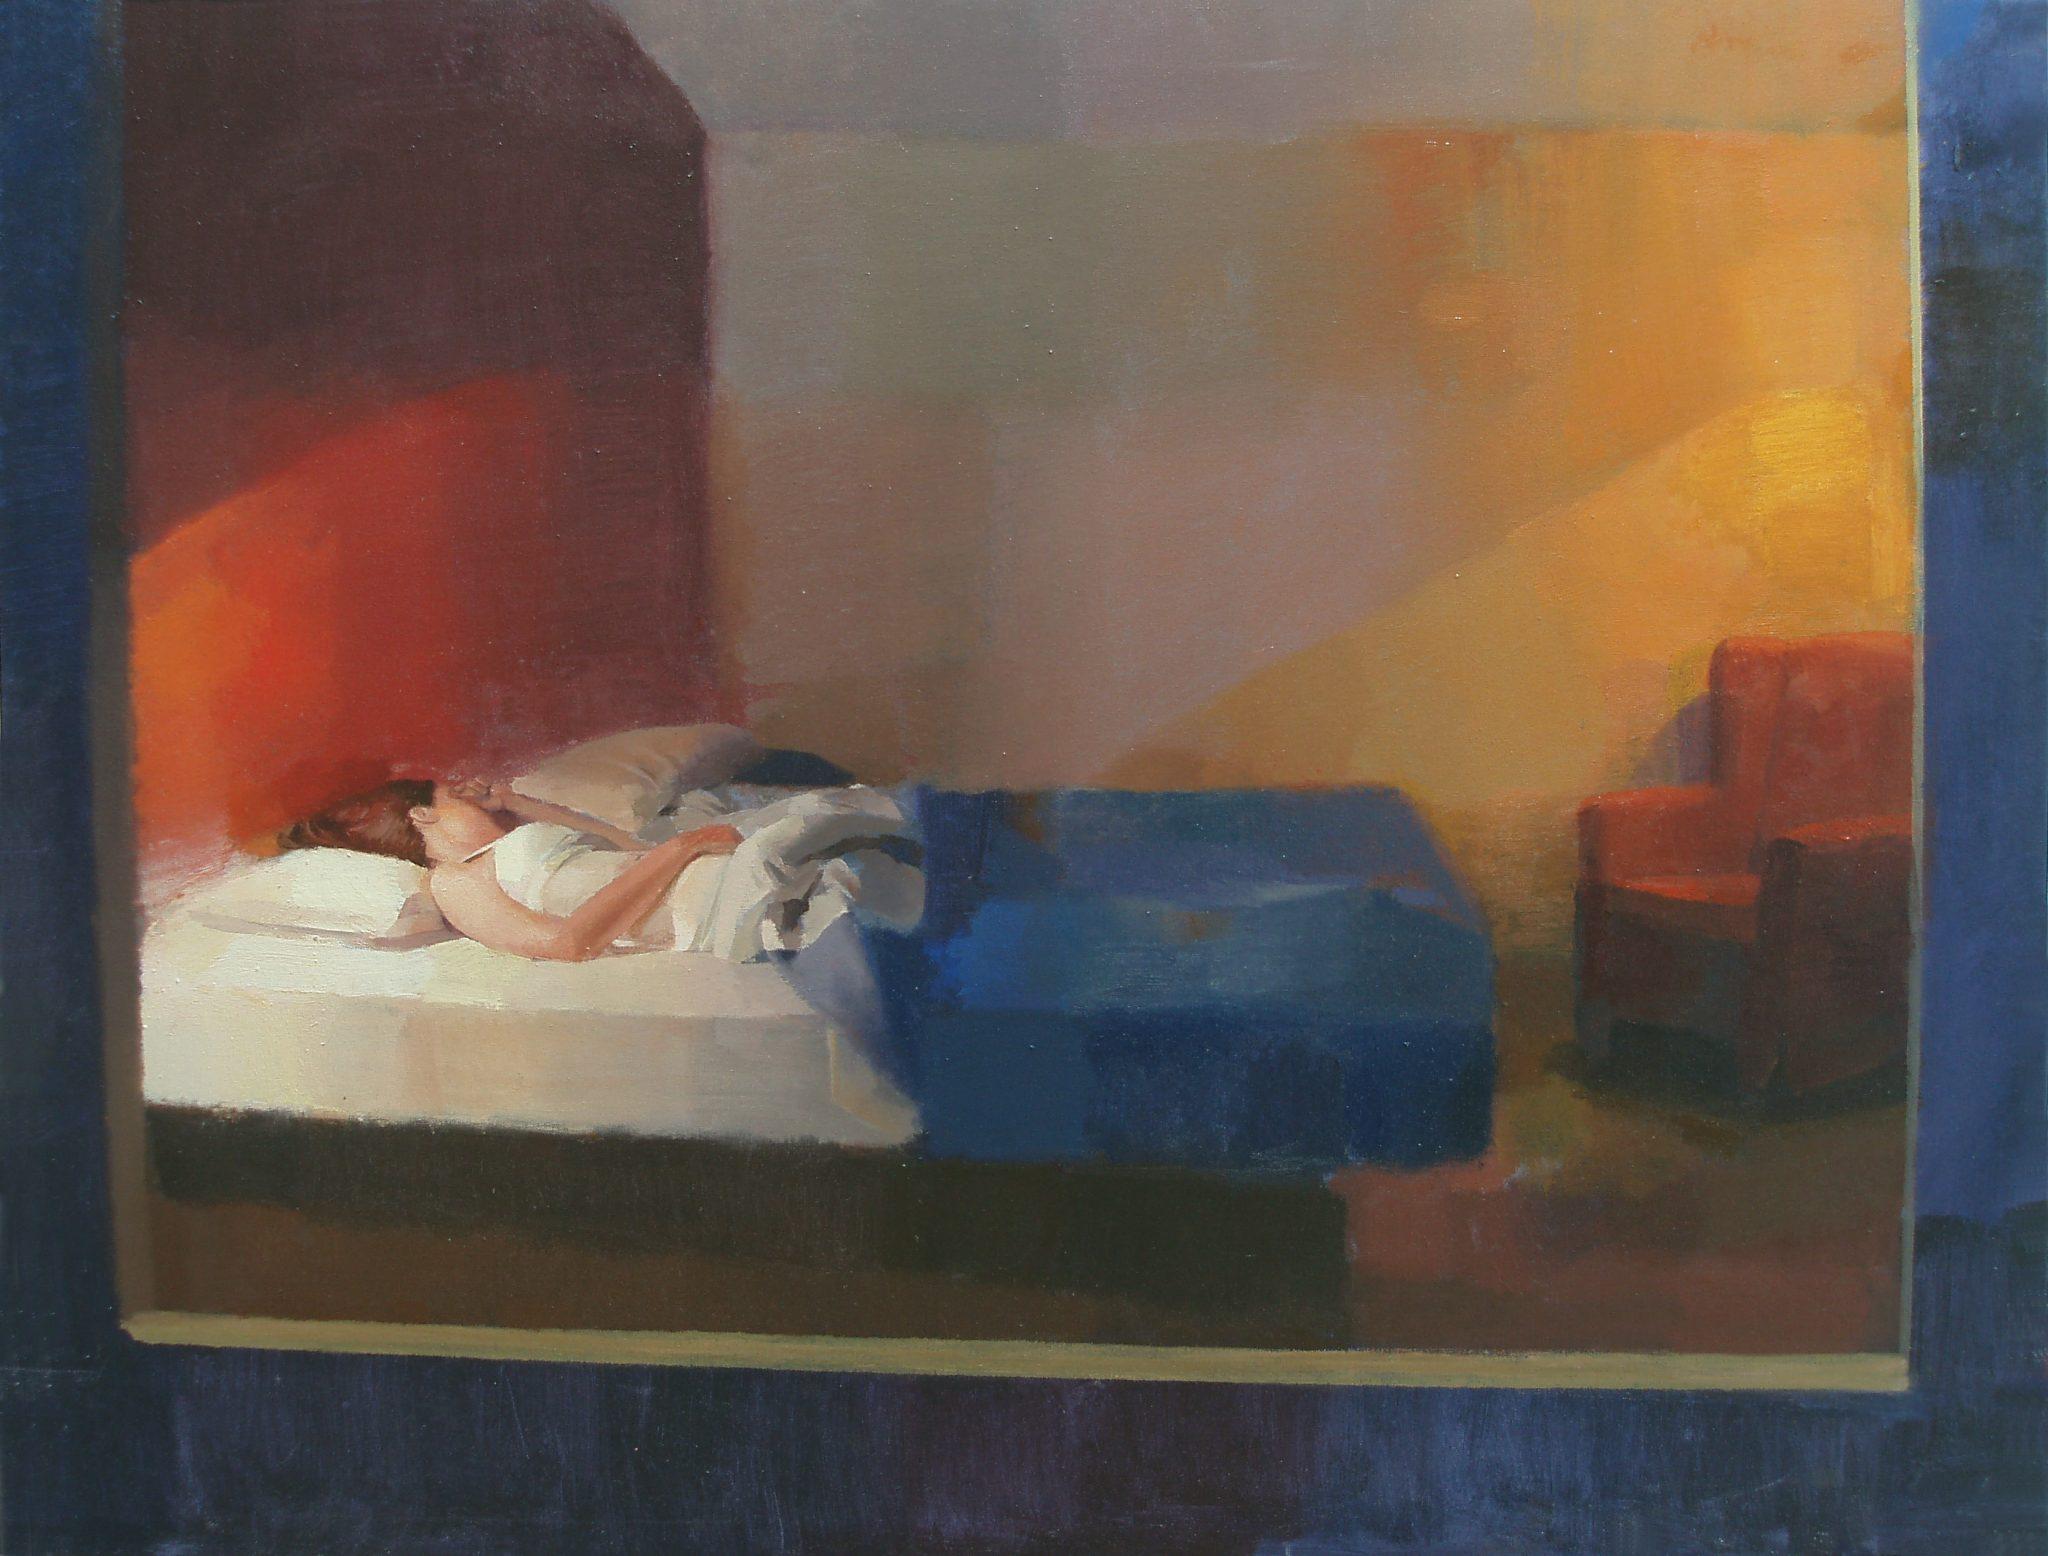 durmiente-alejandra-caballero-oleo-interior-ventana-noche-mujer-dormida-habitación